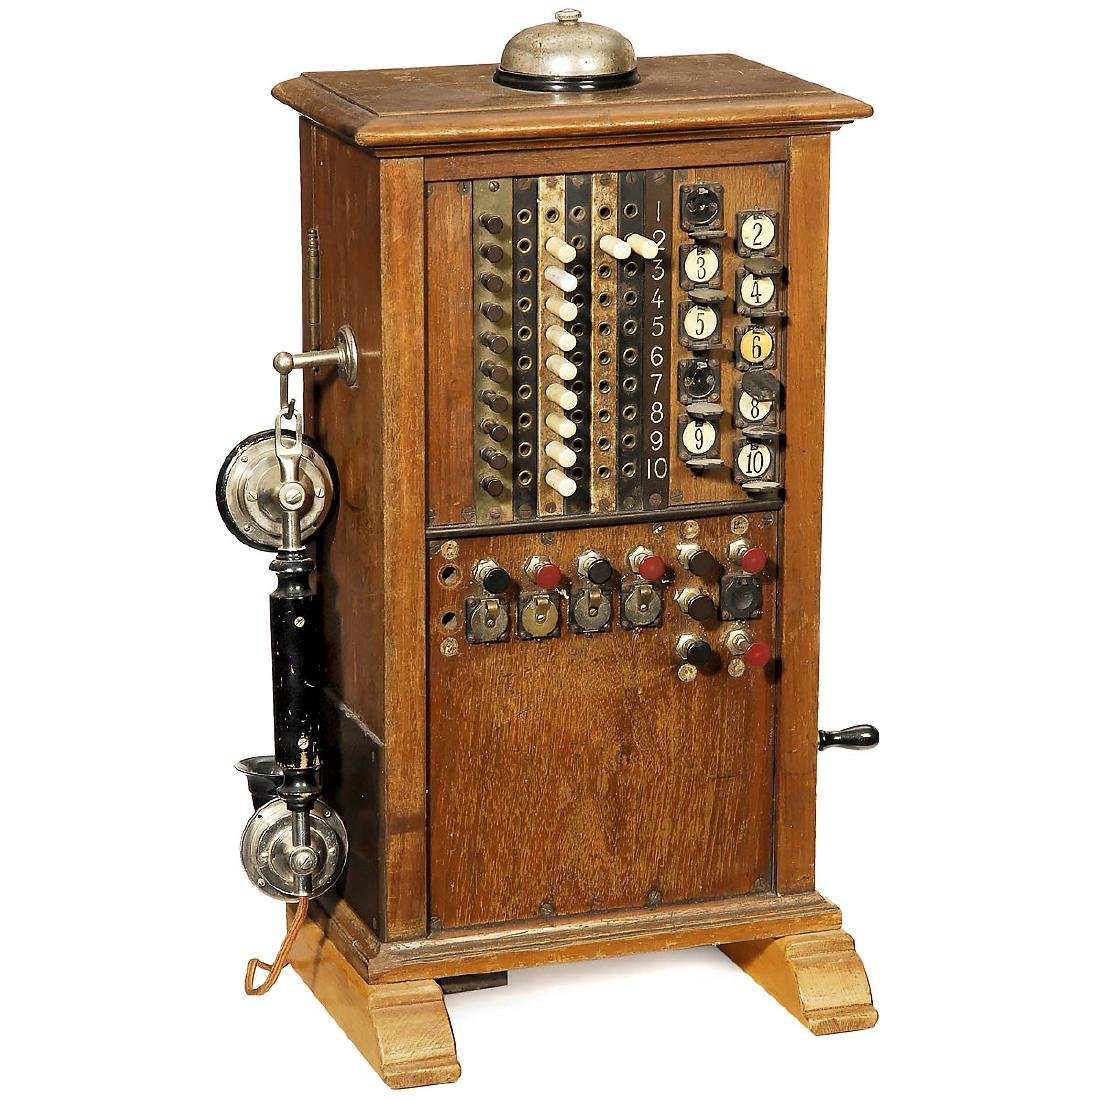 Telephone Switchboard, c. 1910